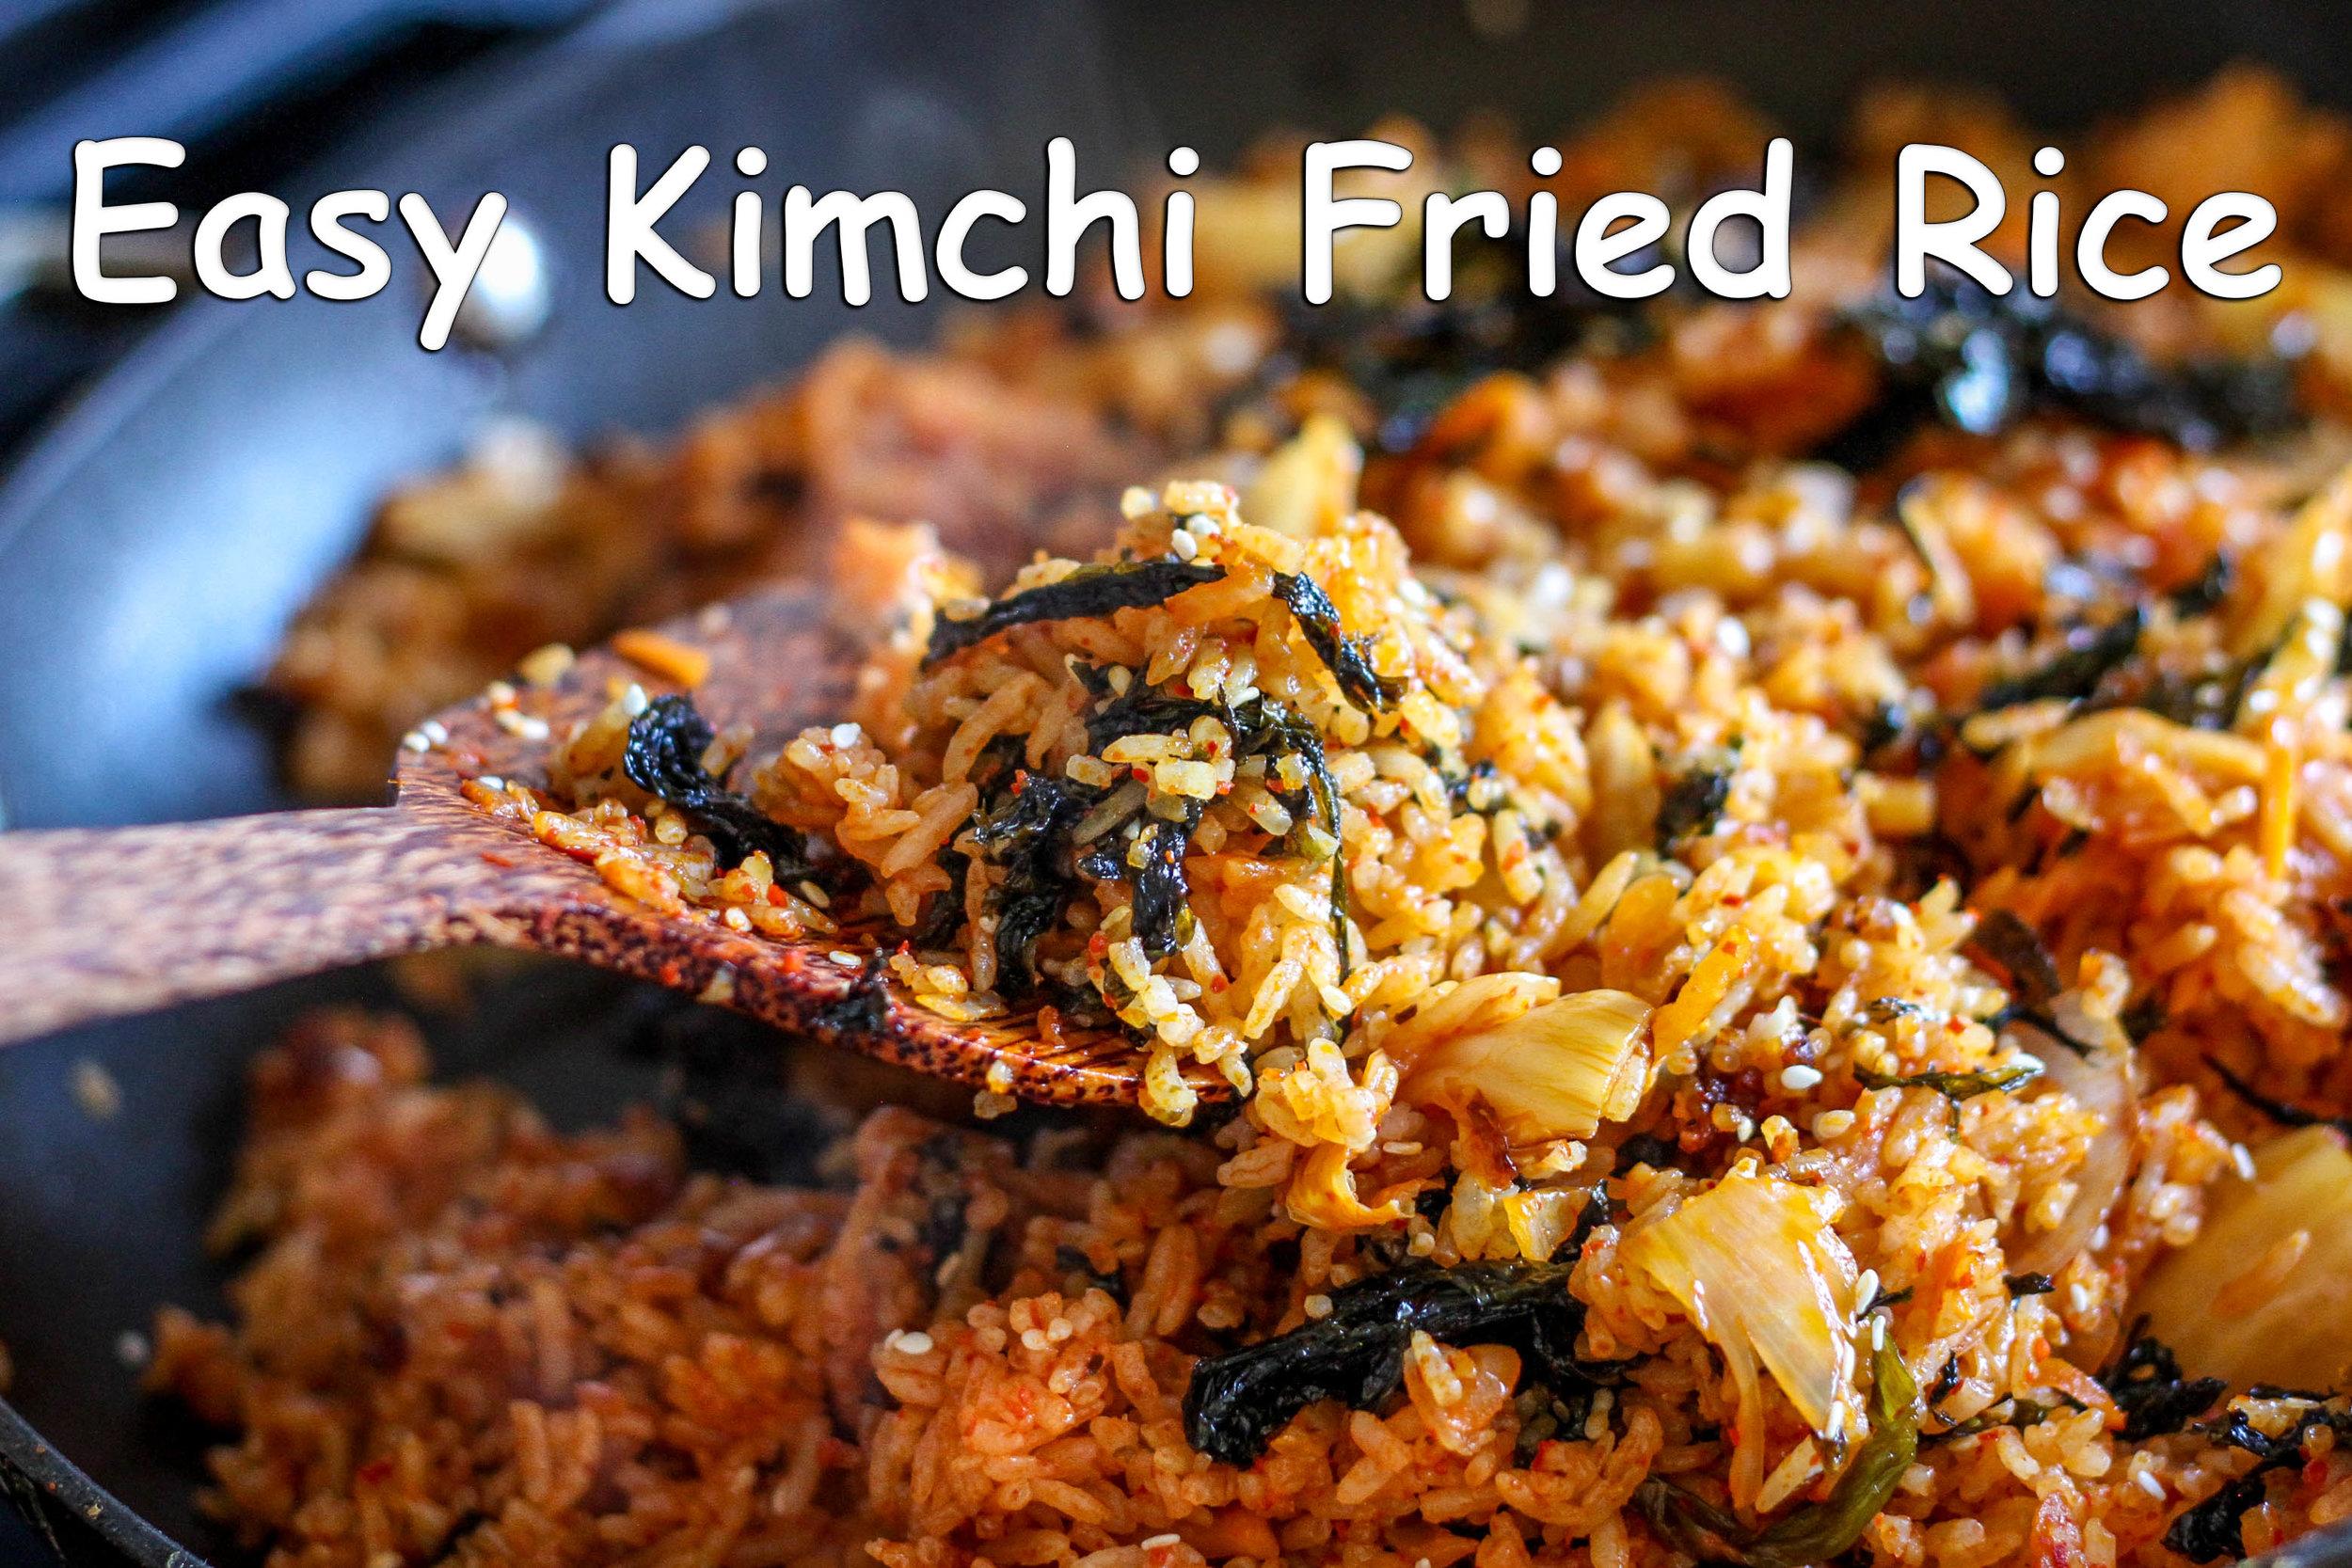 easy-kimchi-fried-rice-recipe